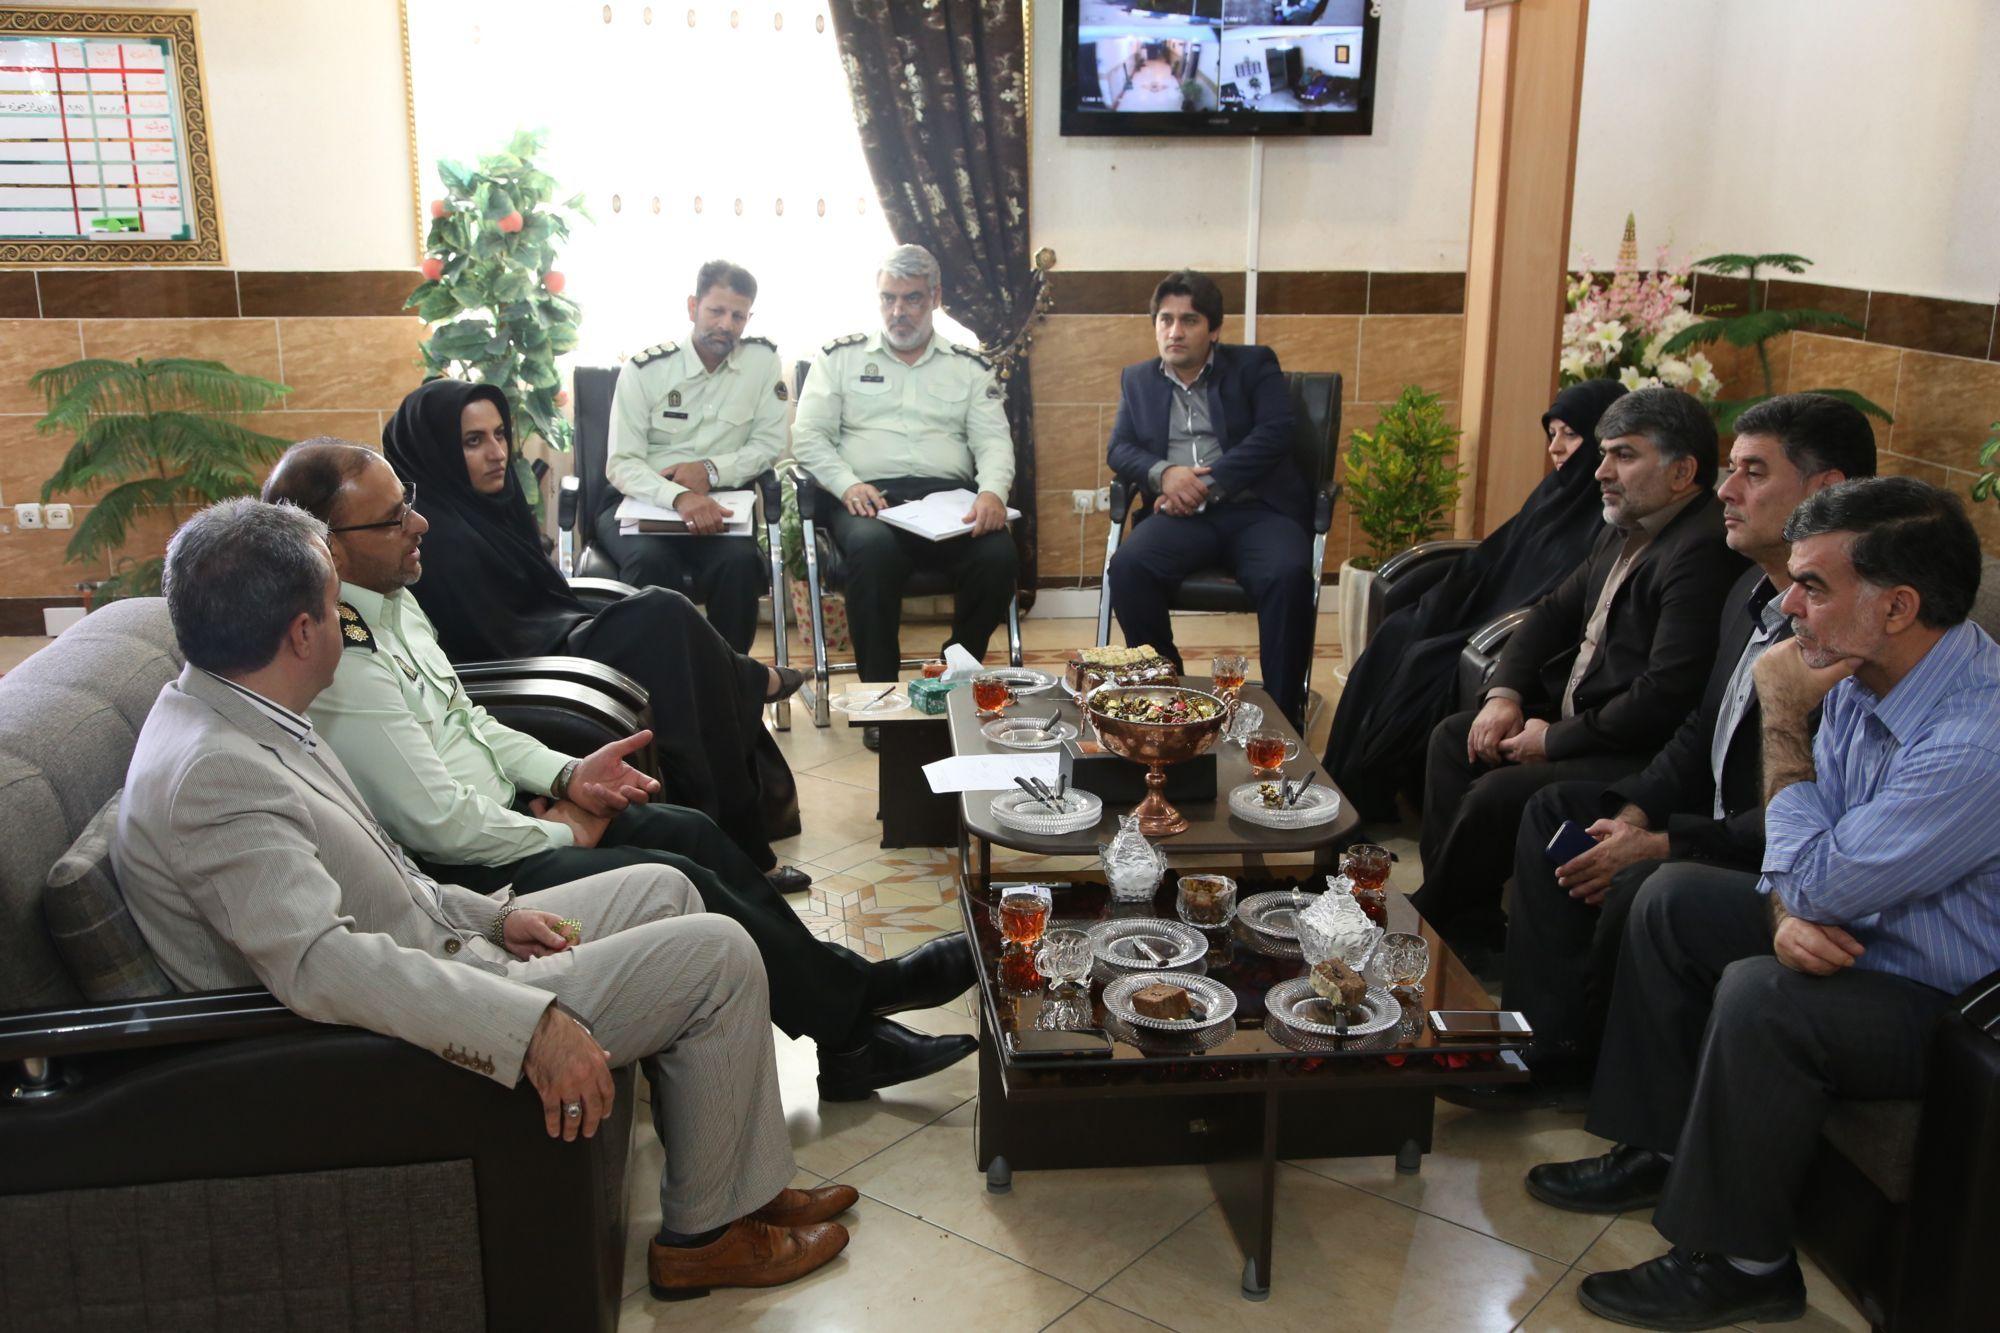 دیدار شهردار و رئیس و اعضای شورای شهر ورامین با فرماندهی نیروی انتظامی شرق استان تهران